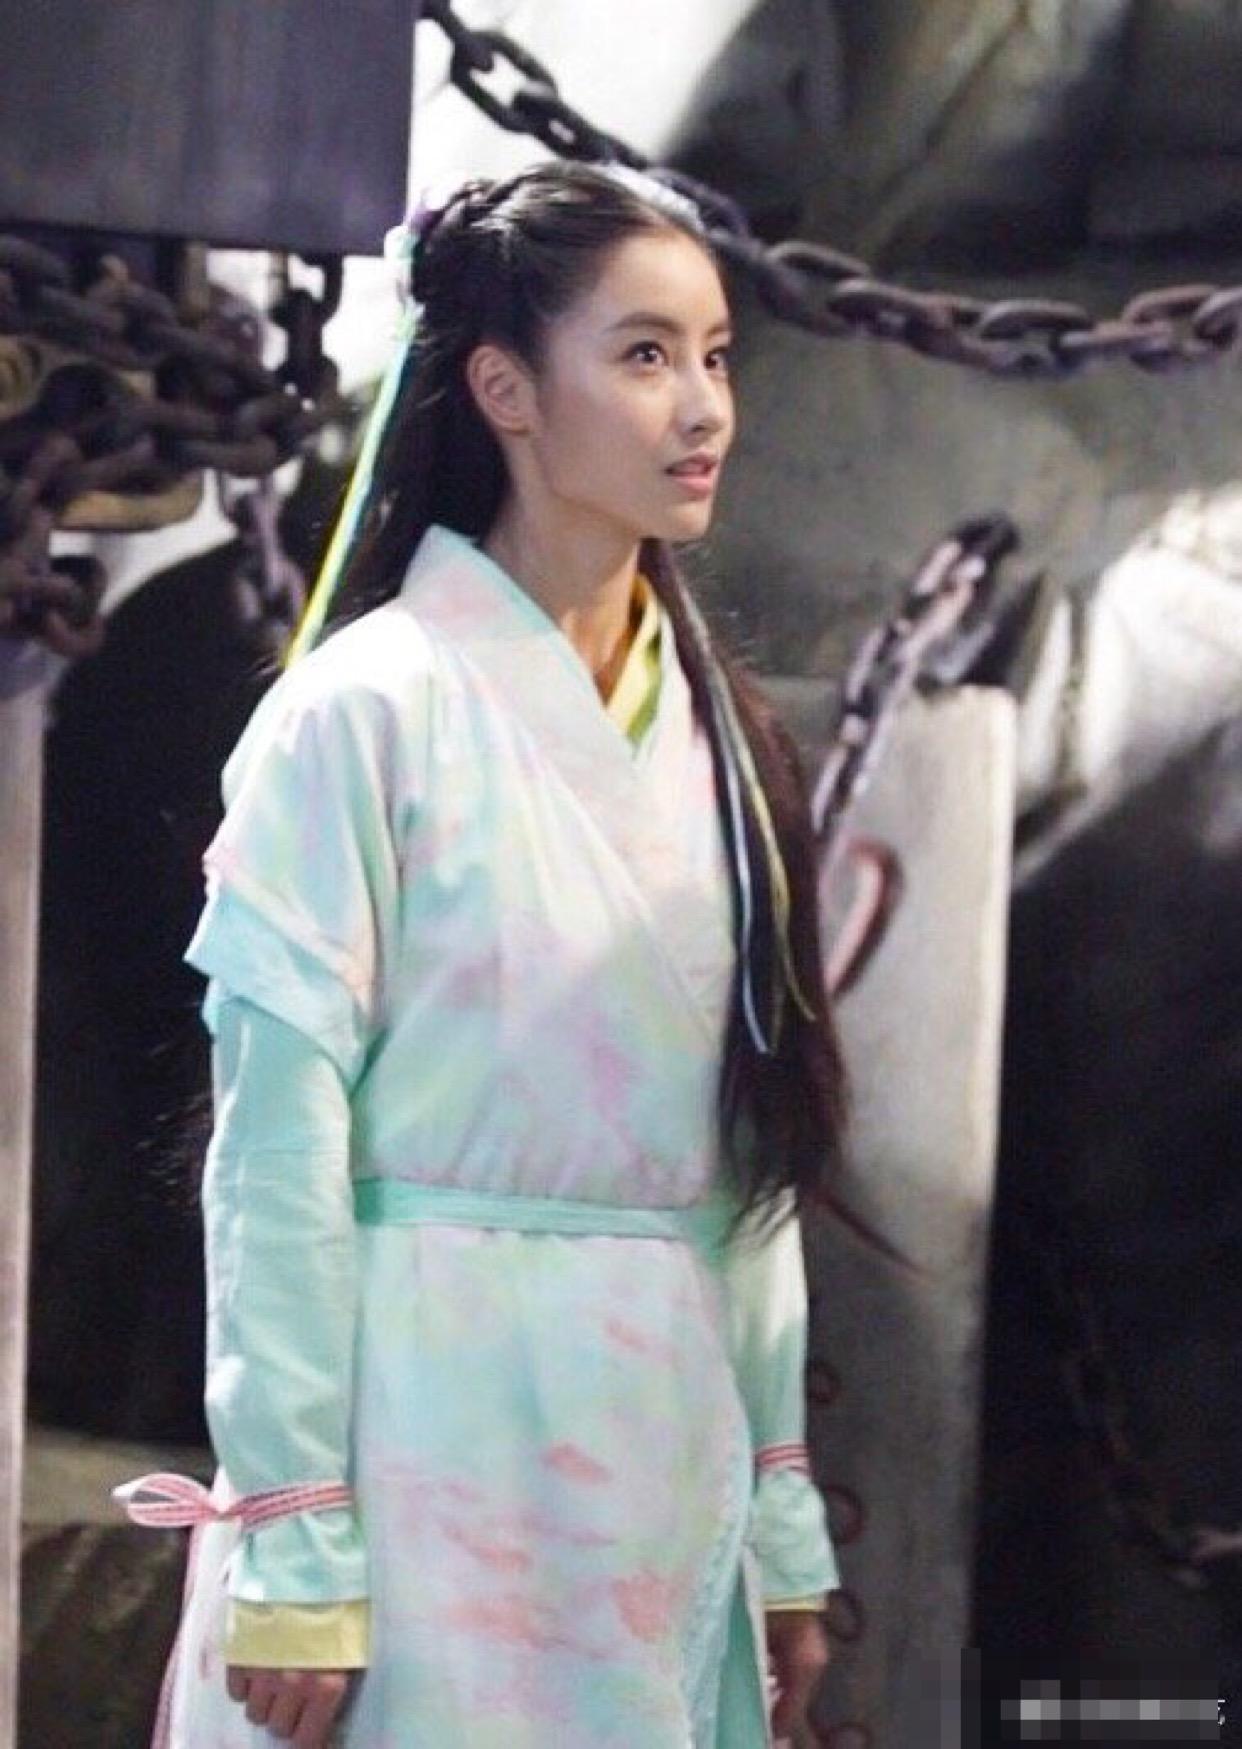 毛晓慧版小龙女还没有播出,新节目她的赵灵儿却让人很惊艳